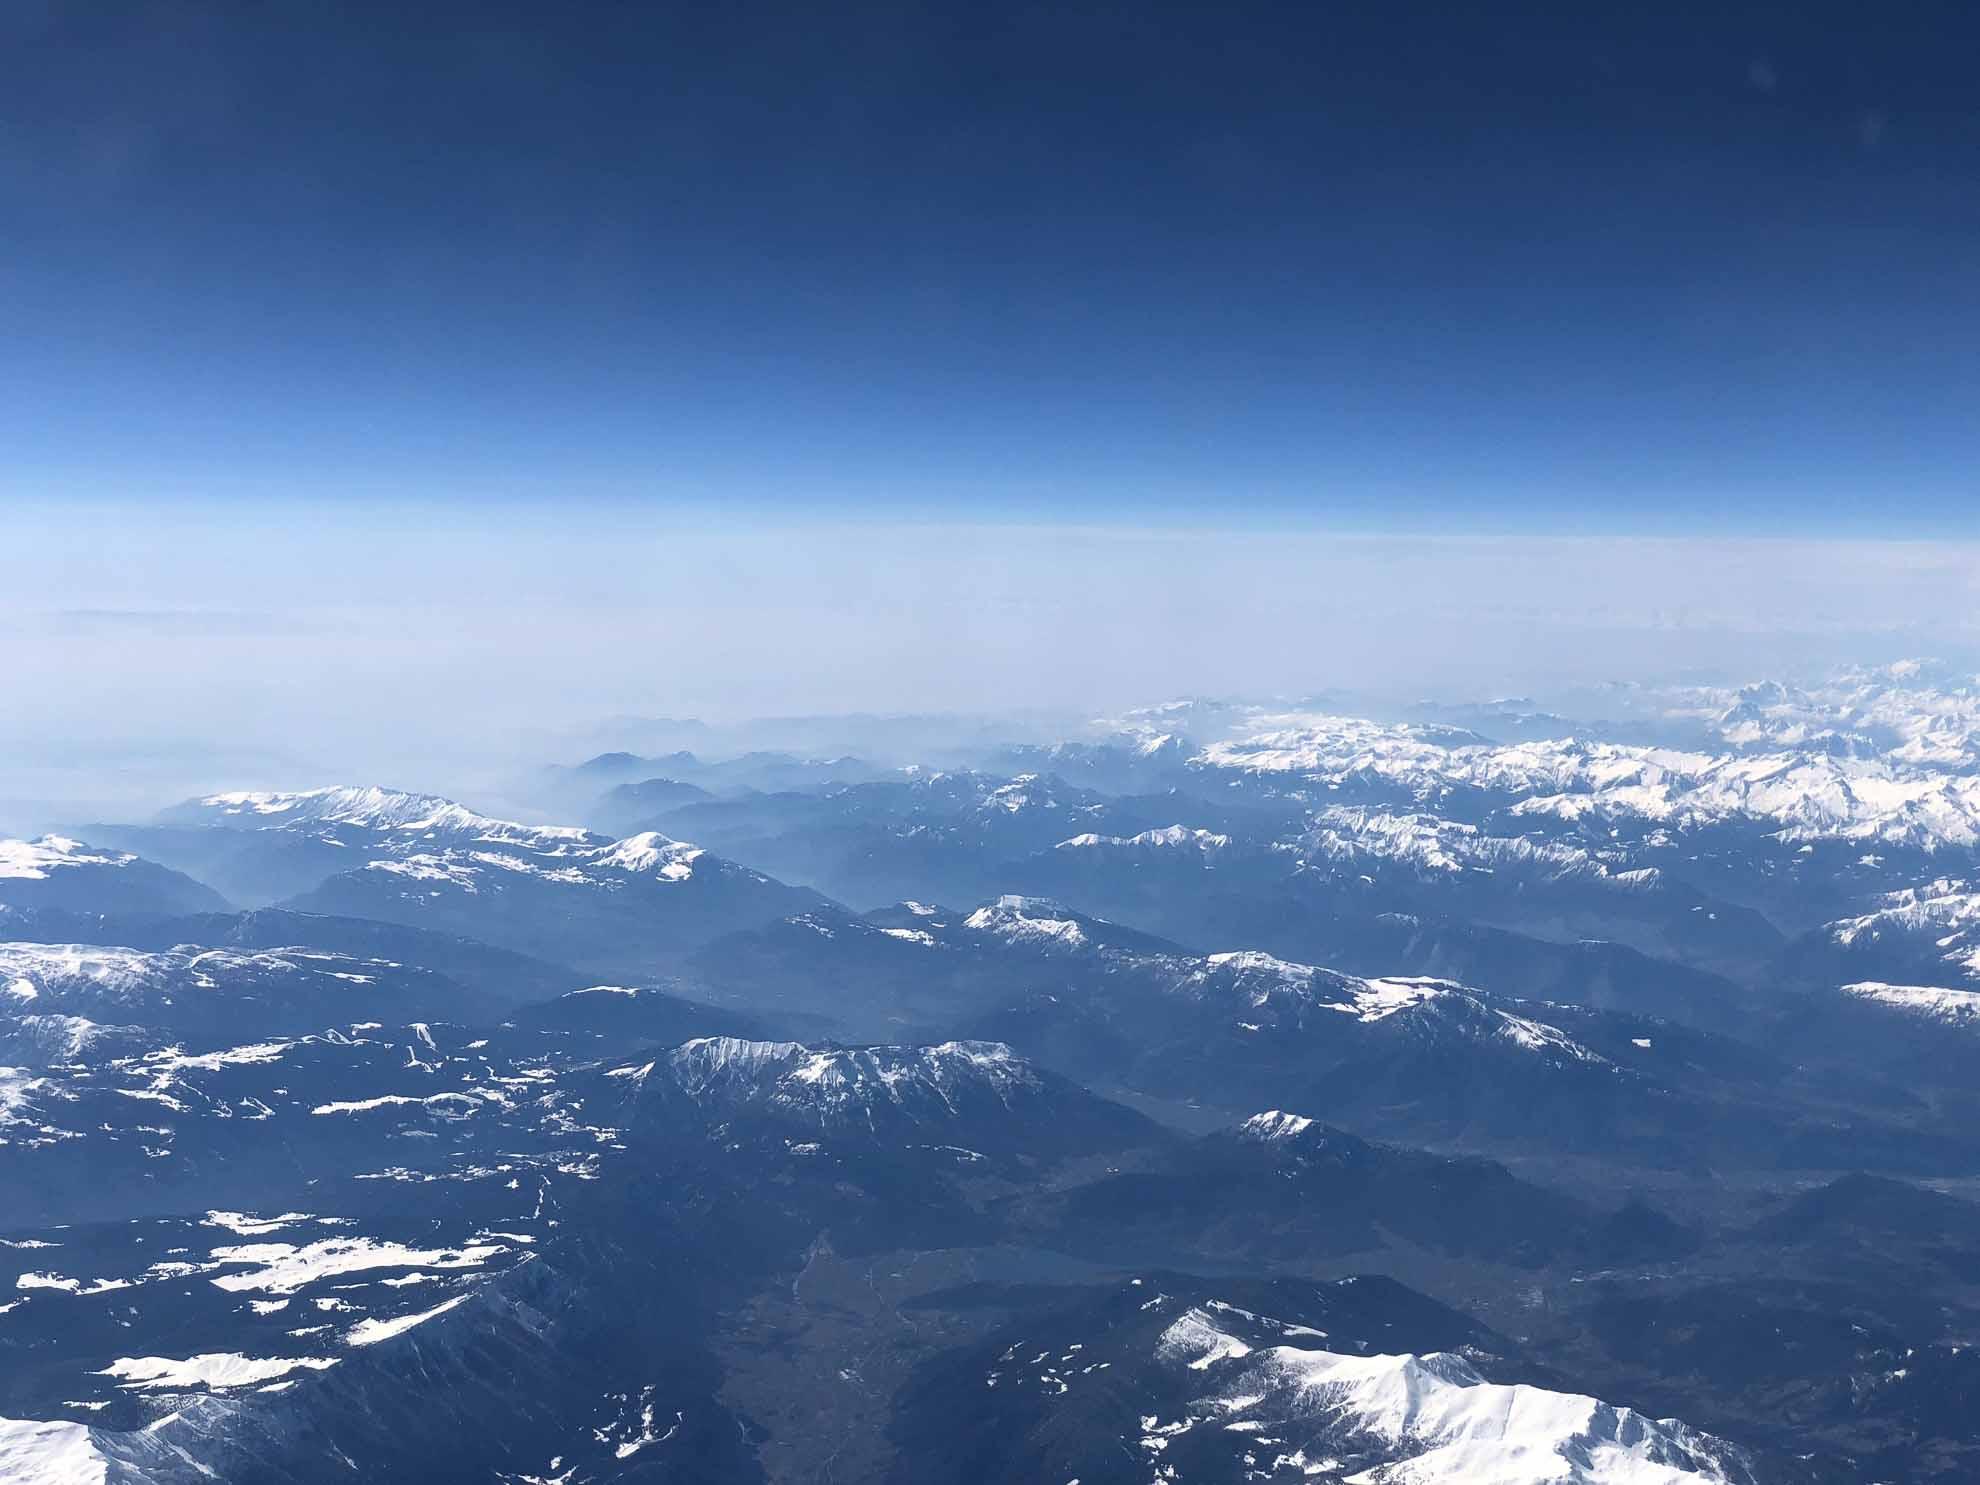 Blick aus dem Fenster auf dem Heimflug von Neapel nach Deutschland.